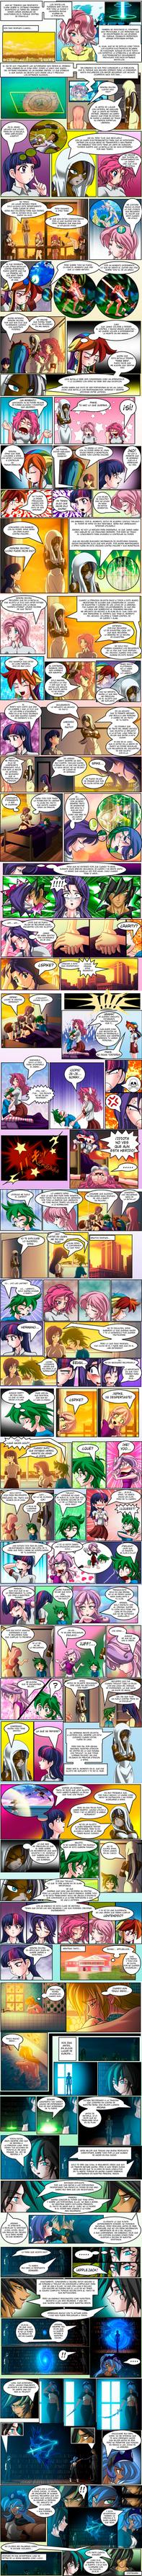 la magia de la amistad 10 parte 9